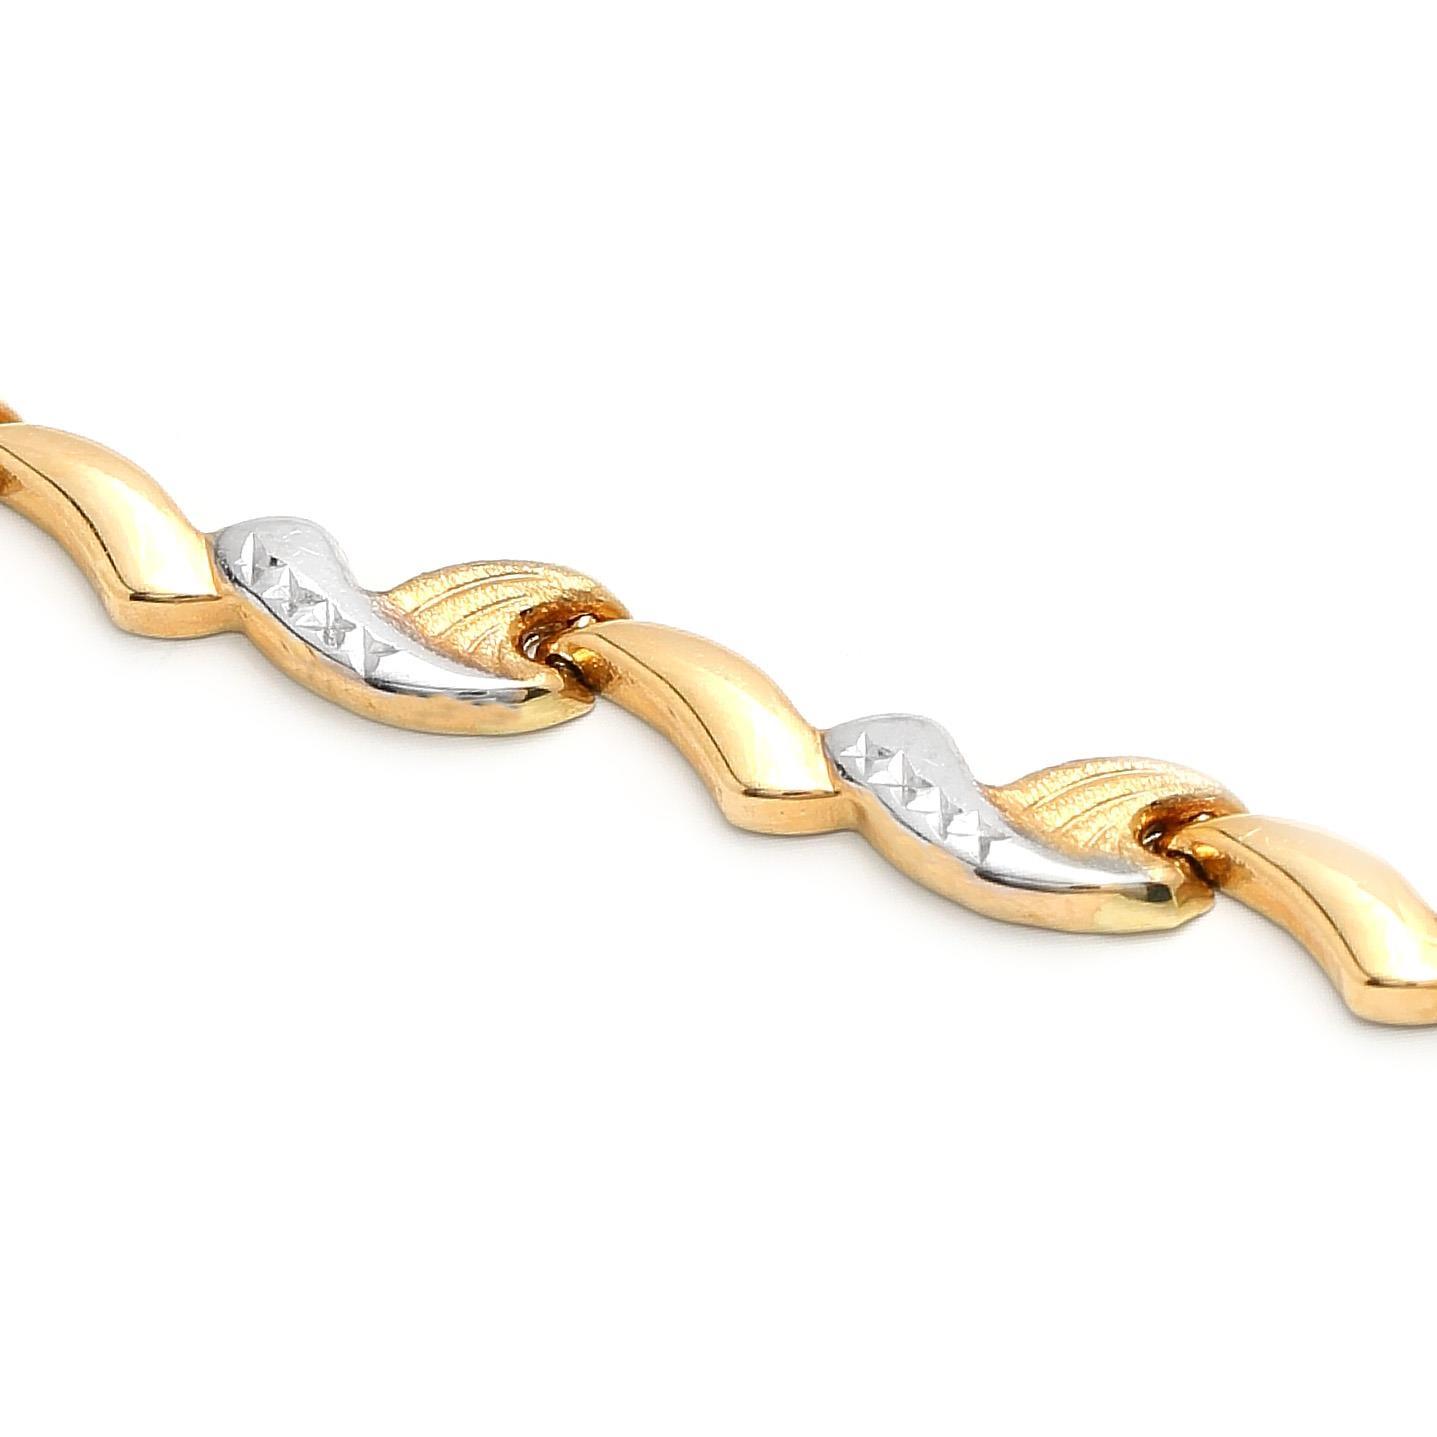 ... zlatý dámsky náramok albertina 3 1b127673c91